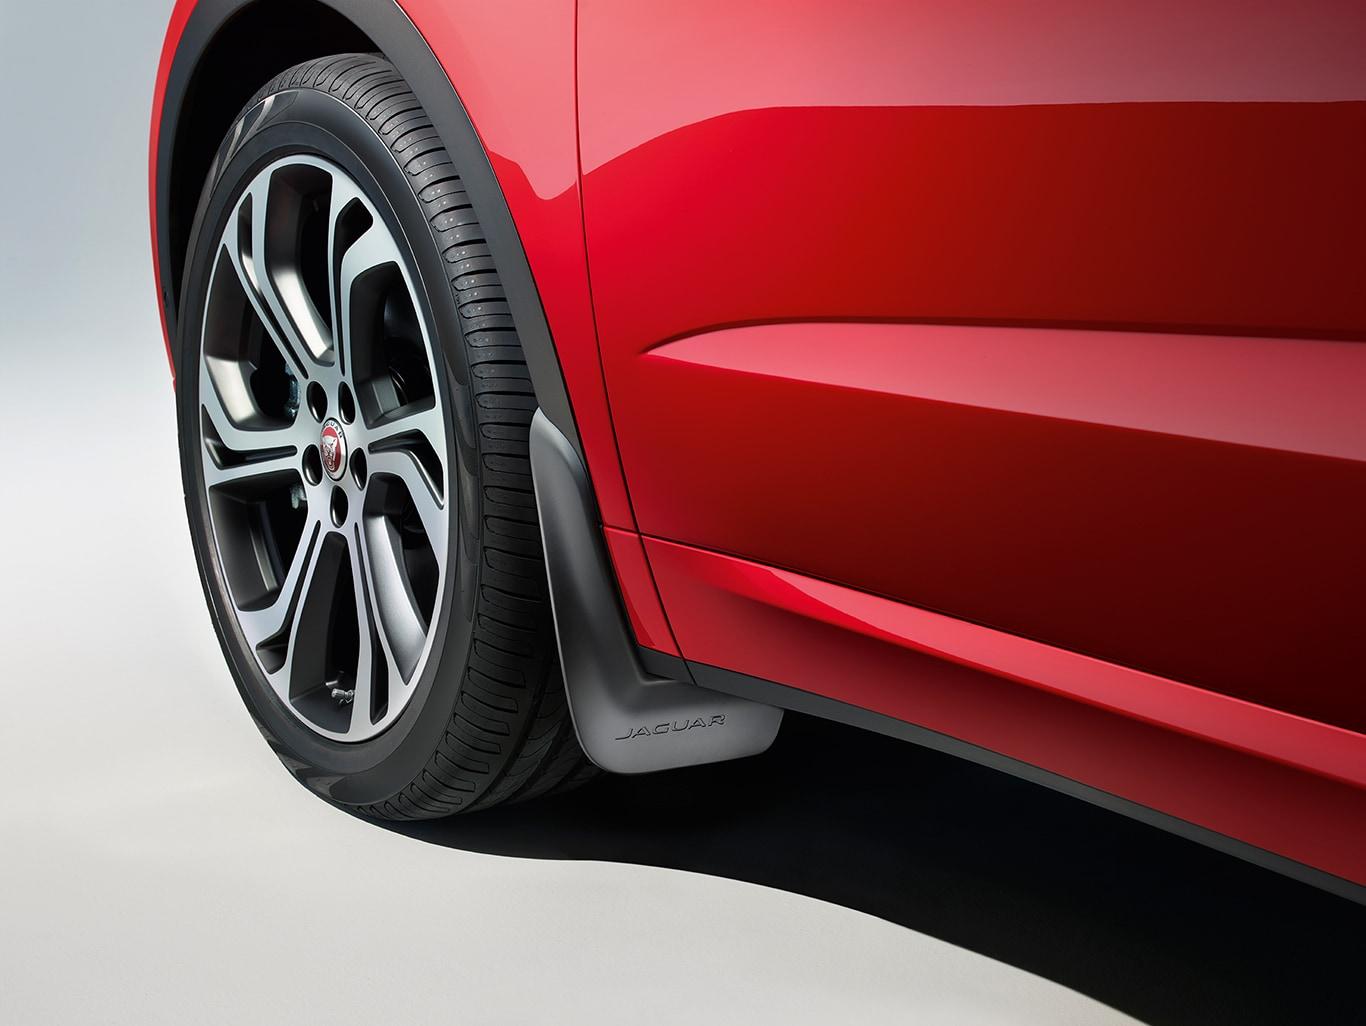 Jaguar Gear E Pace Exterior Exterior Protection